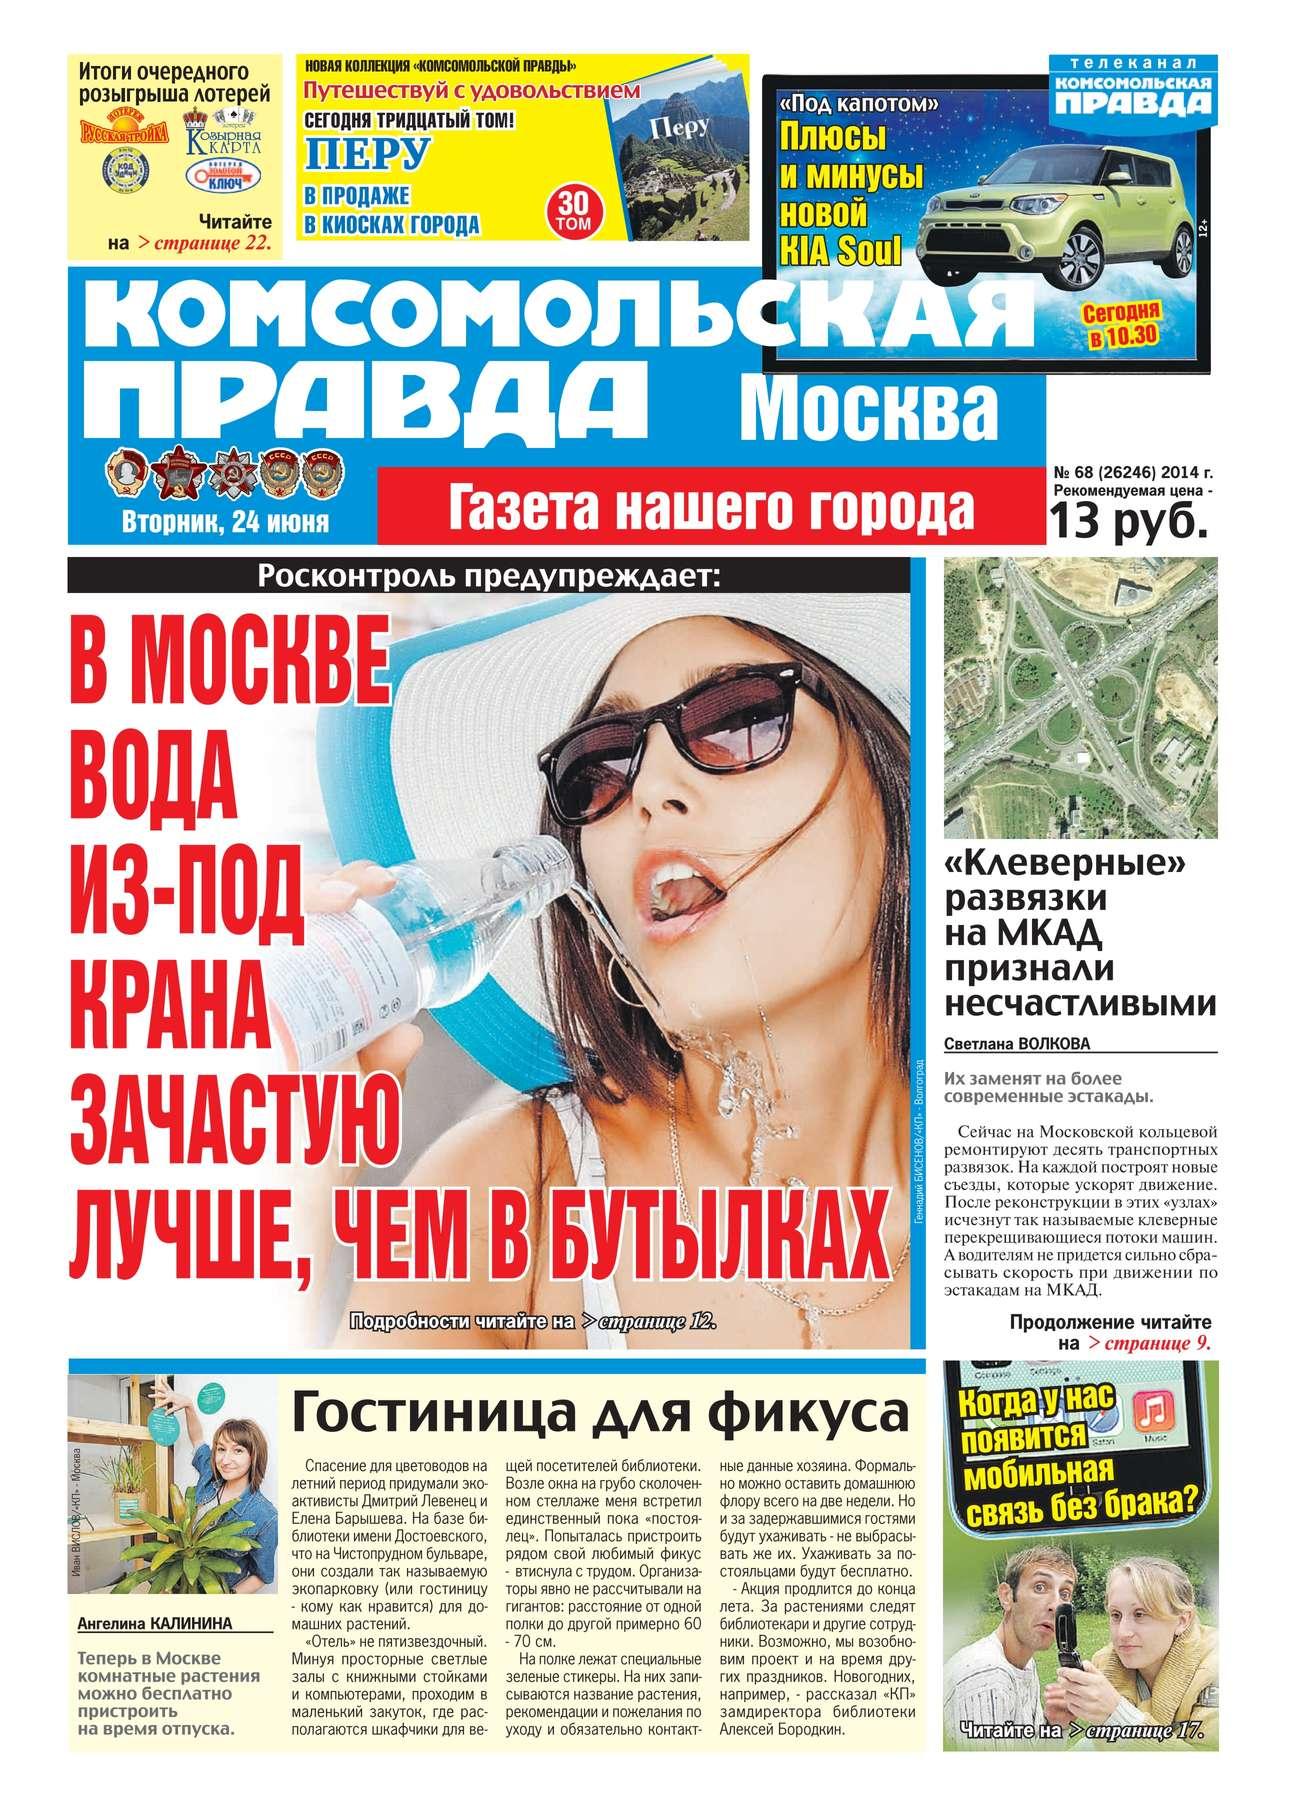 Комсомольская Правда. Москва 68-2014